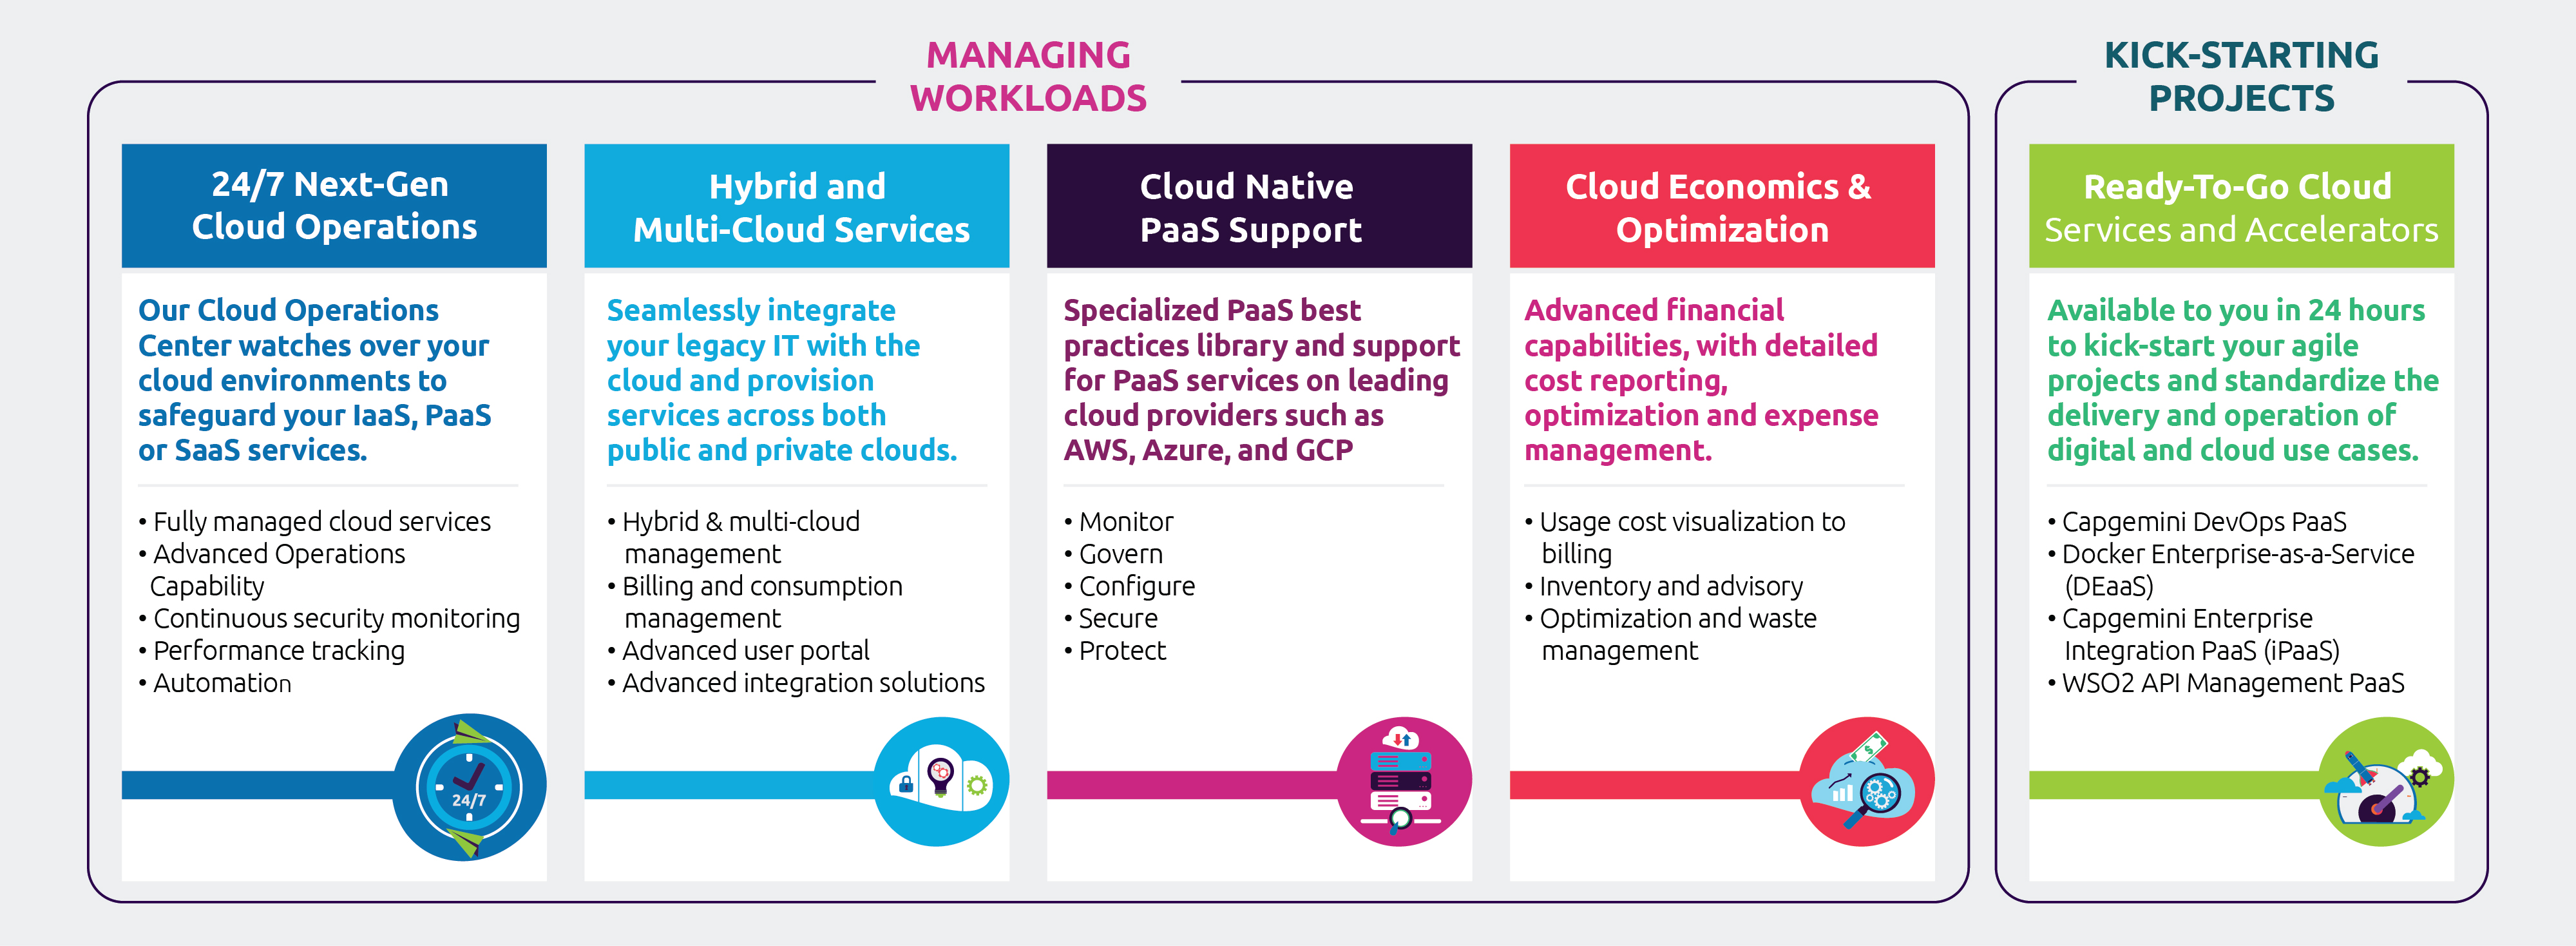 Capgemini Cloud Platform